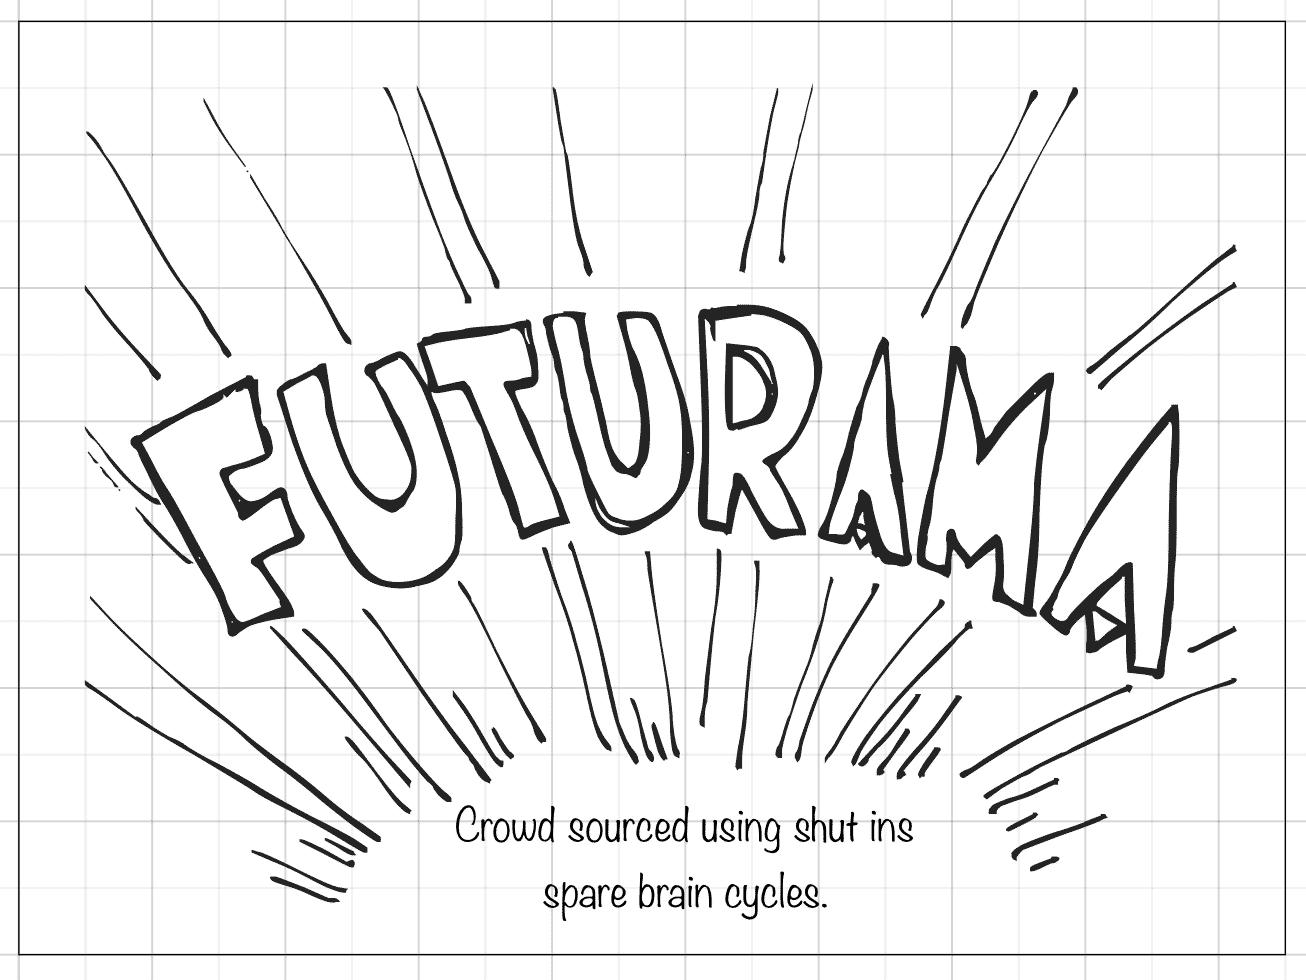 futurama-title-card-2.png